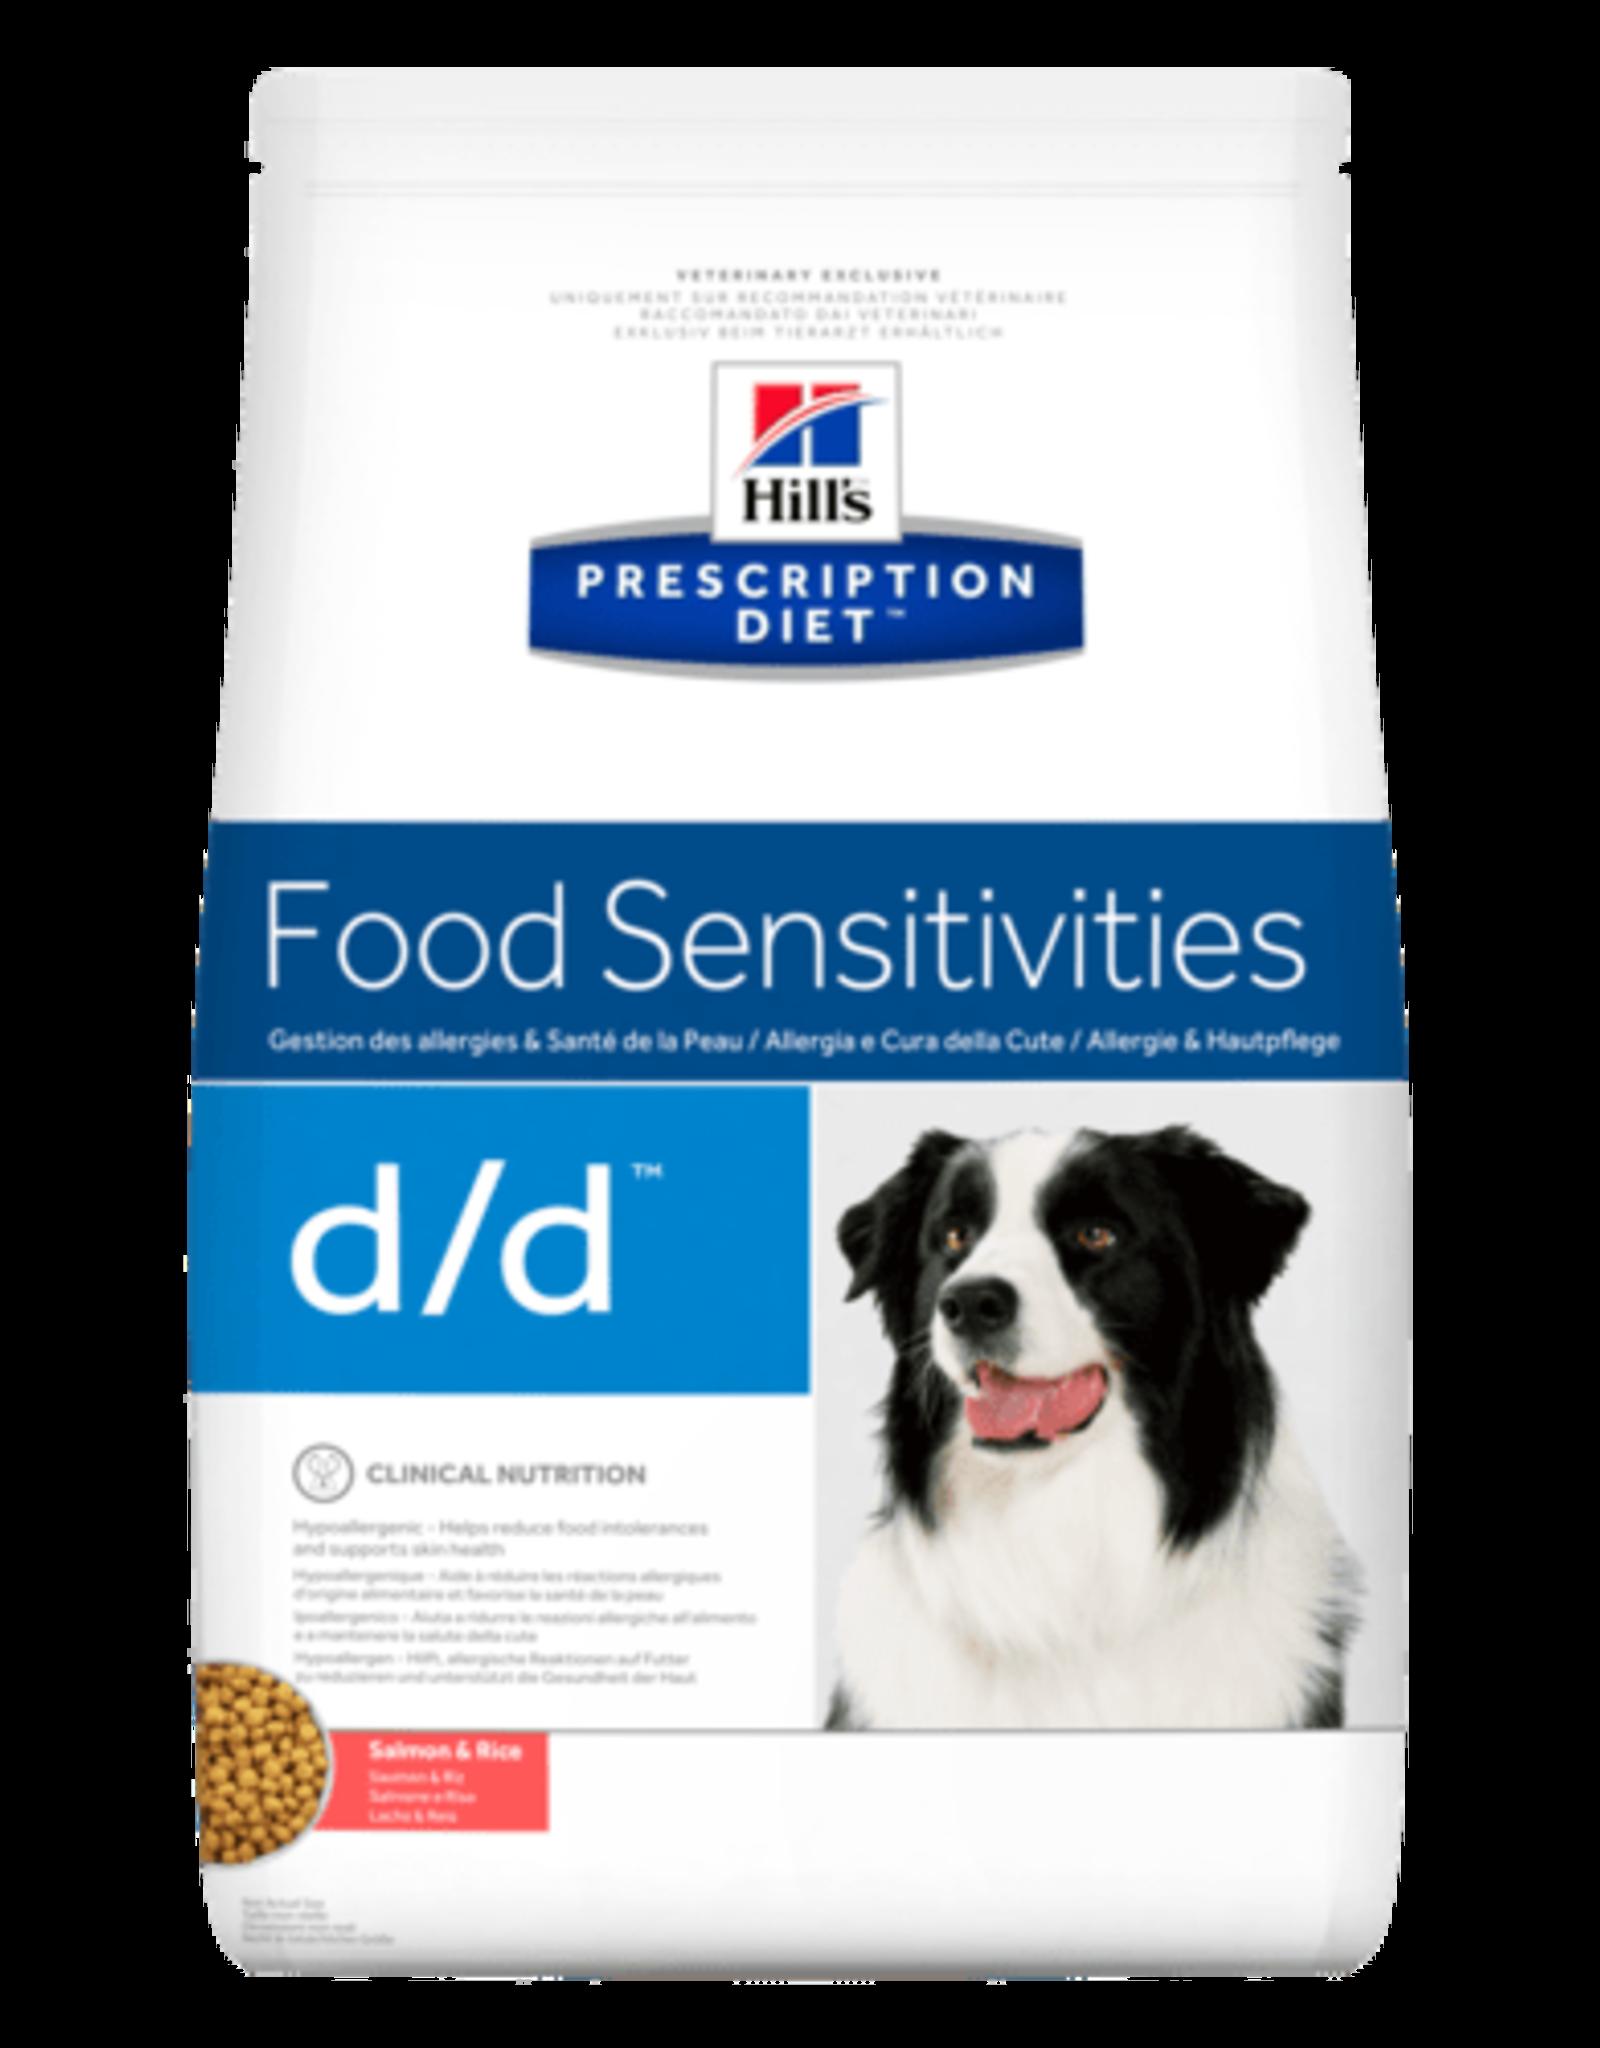 Hill's Hill's Prescription Diet D/d Hund (lachs & Reis)  12kg